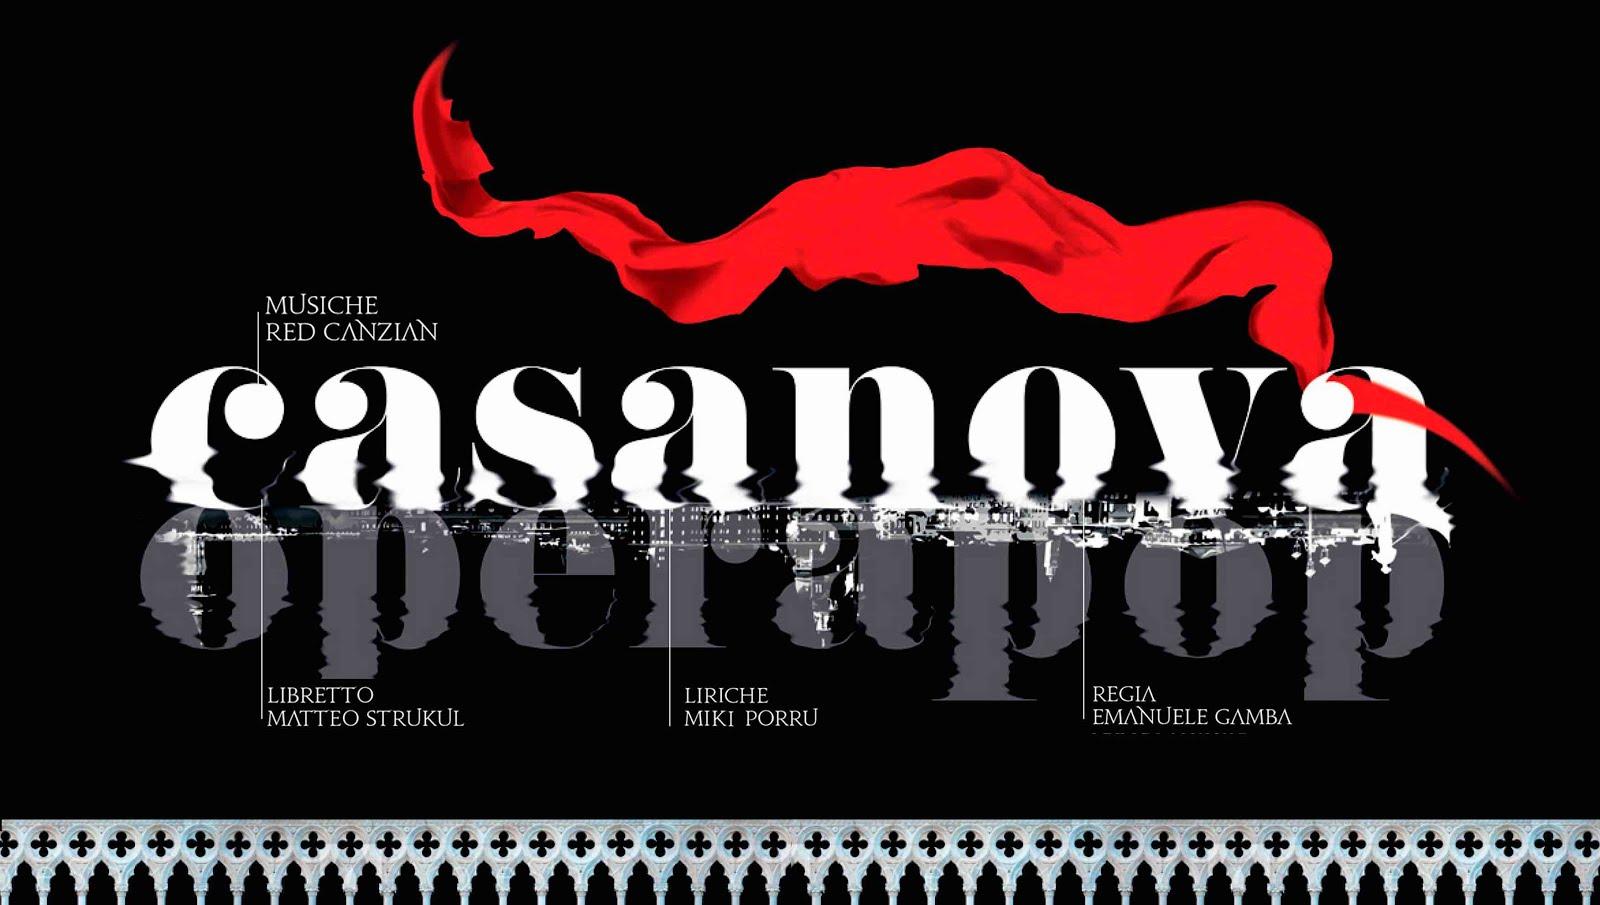 """AUDIZIONI PER """"CASANOVA OPERA POP"""" DI RED CANZIAN"""